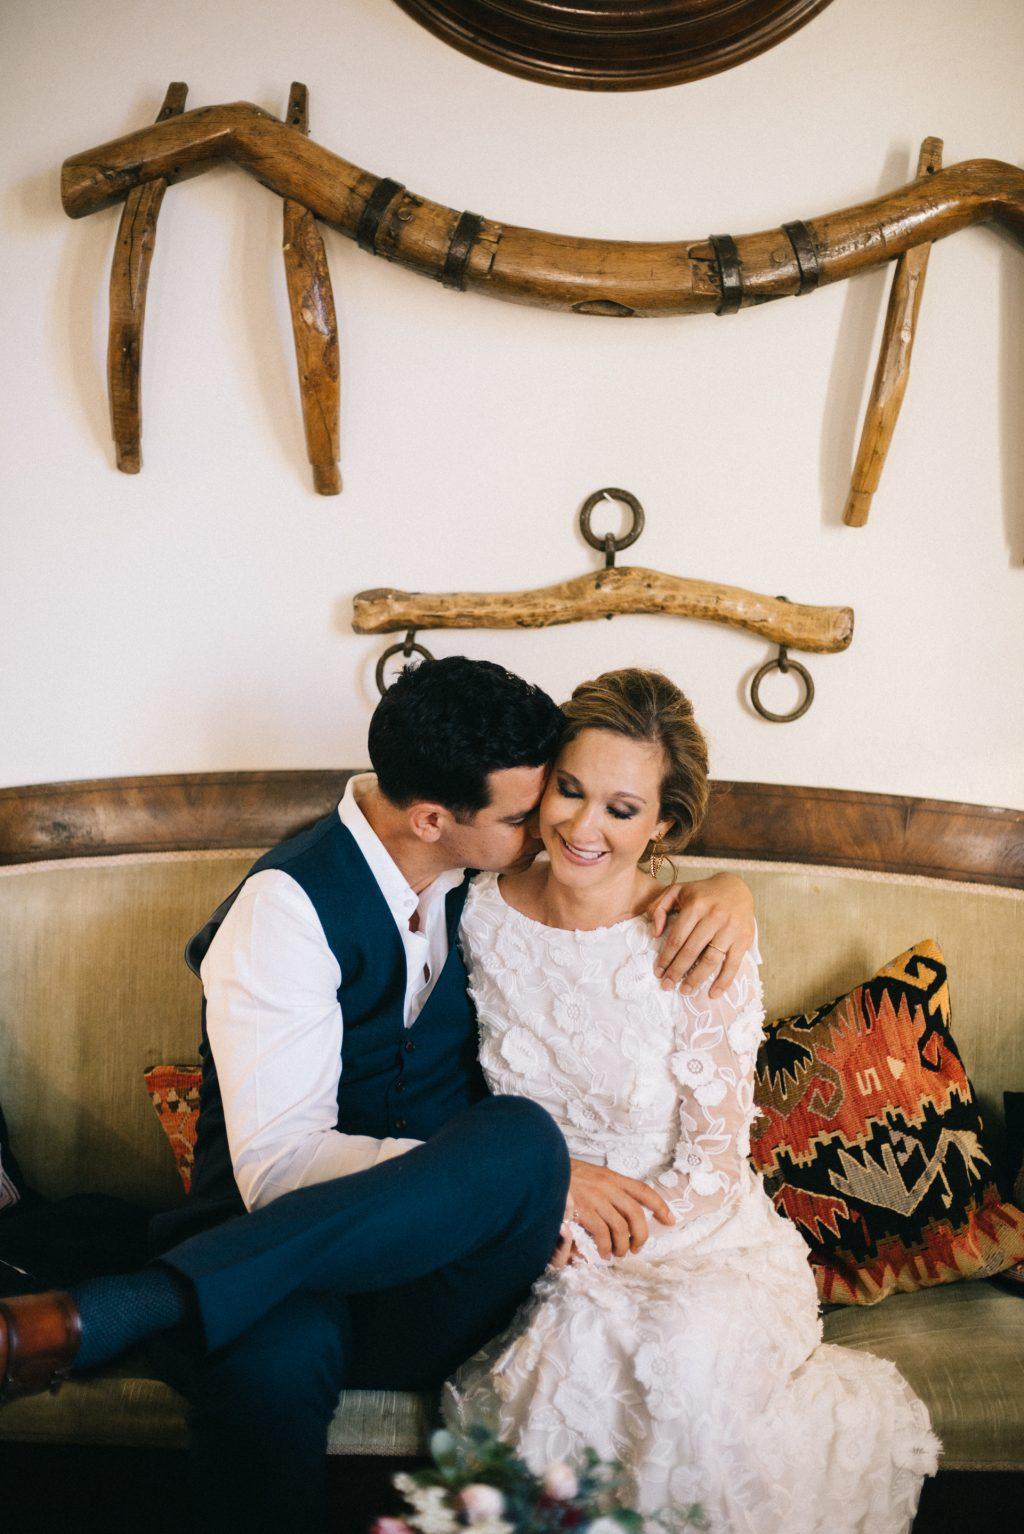 boda civil en hacienda san rafael 16 - La Boda Civil de Géraldine y Jan en Hacienda San Rafael